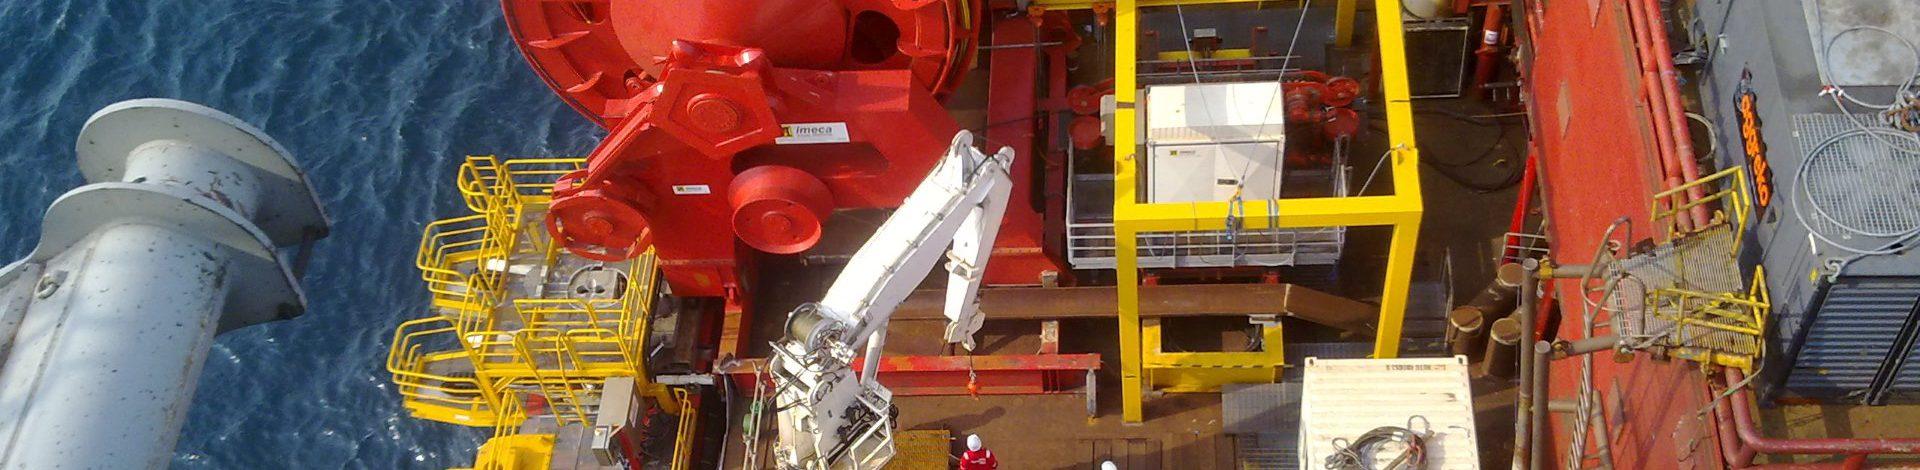 Maintenance services offshore